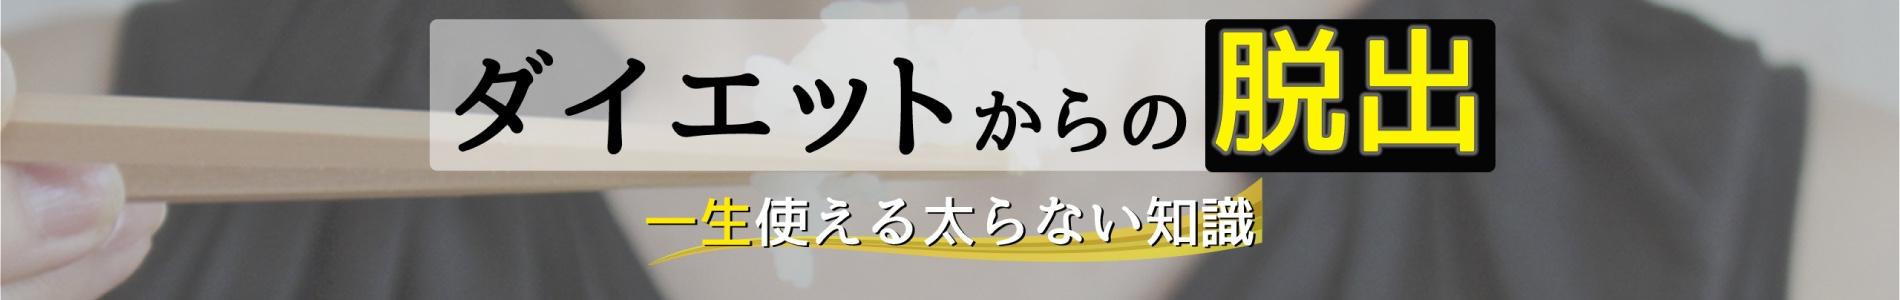 脱・ダイエット塾